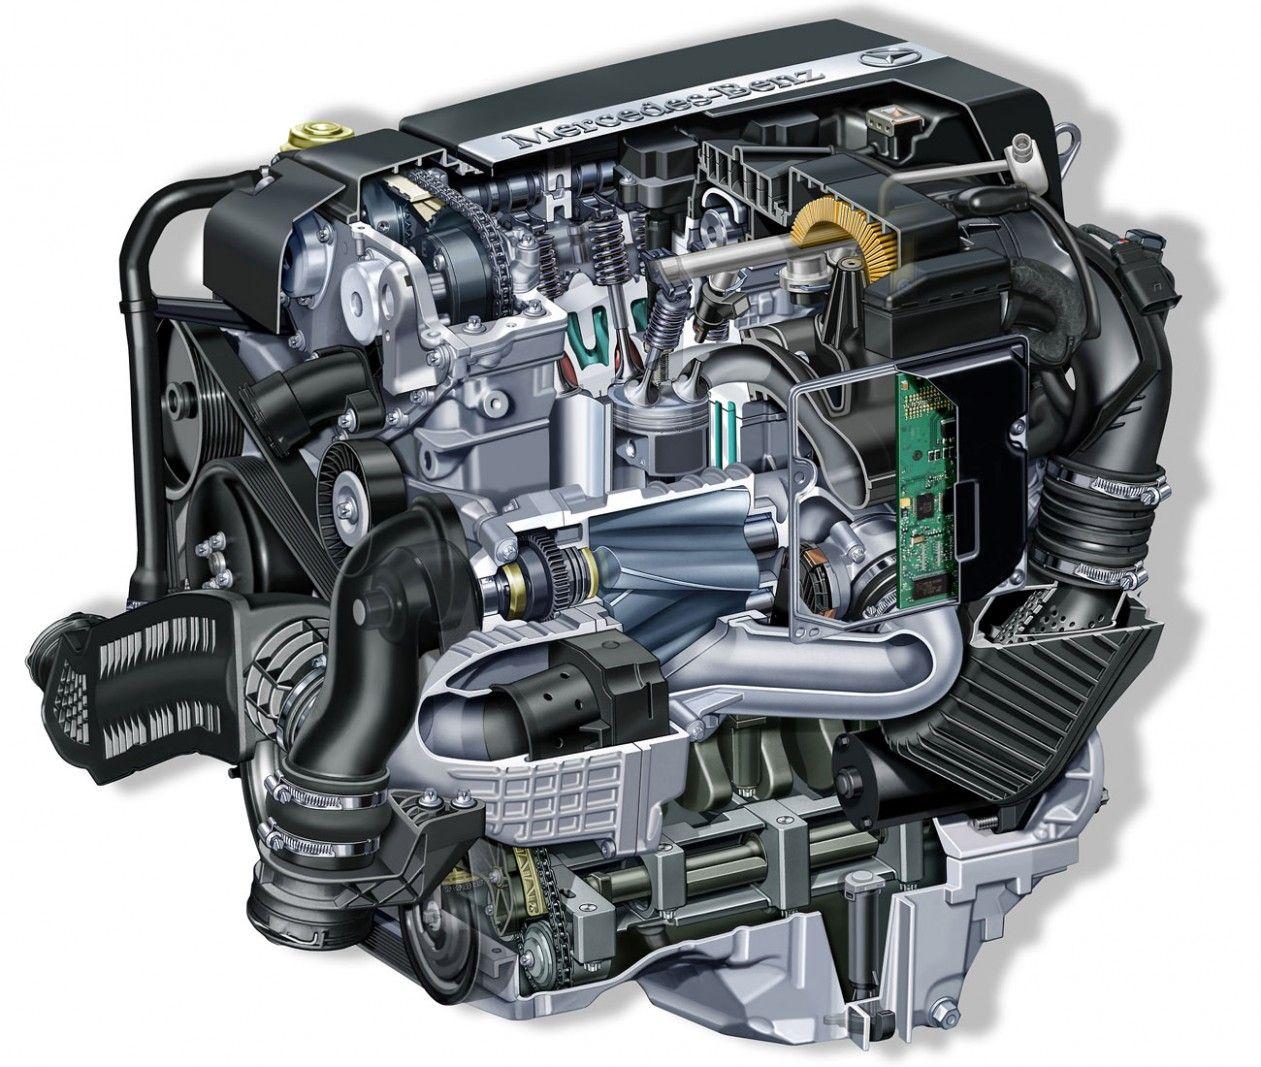 Mercedes M8 Engine Diagram Download Di 2020 Dengan Gambar